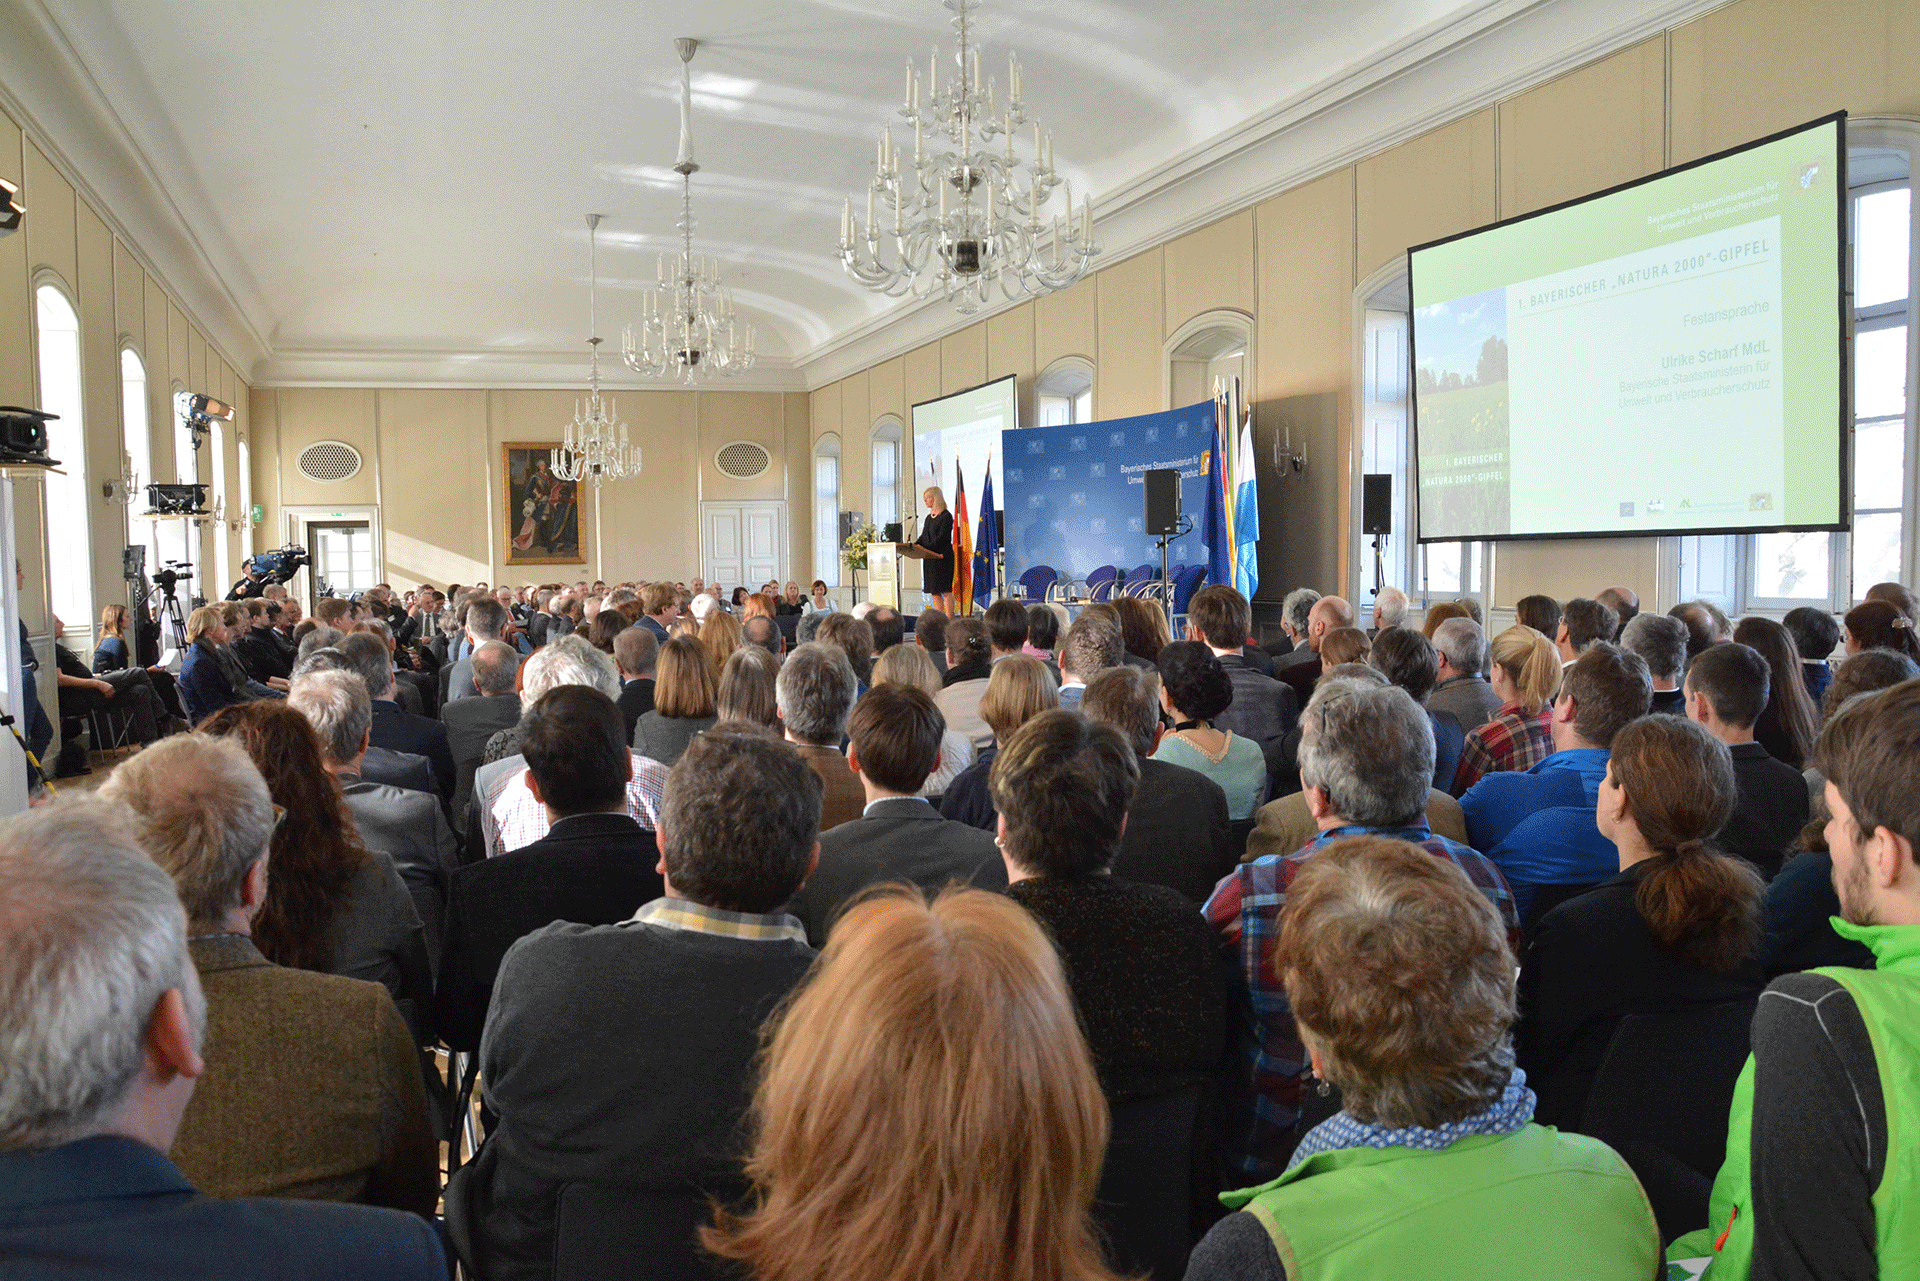 Die ehemalige Bayerische Umweltministerin Ulrike Scharf hält eine Festansprache am Natura 2000-Gipfel in Schloss Nymphenburg am 29. Januar 2018.